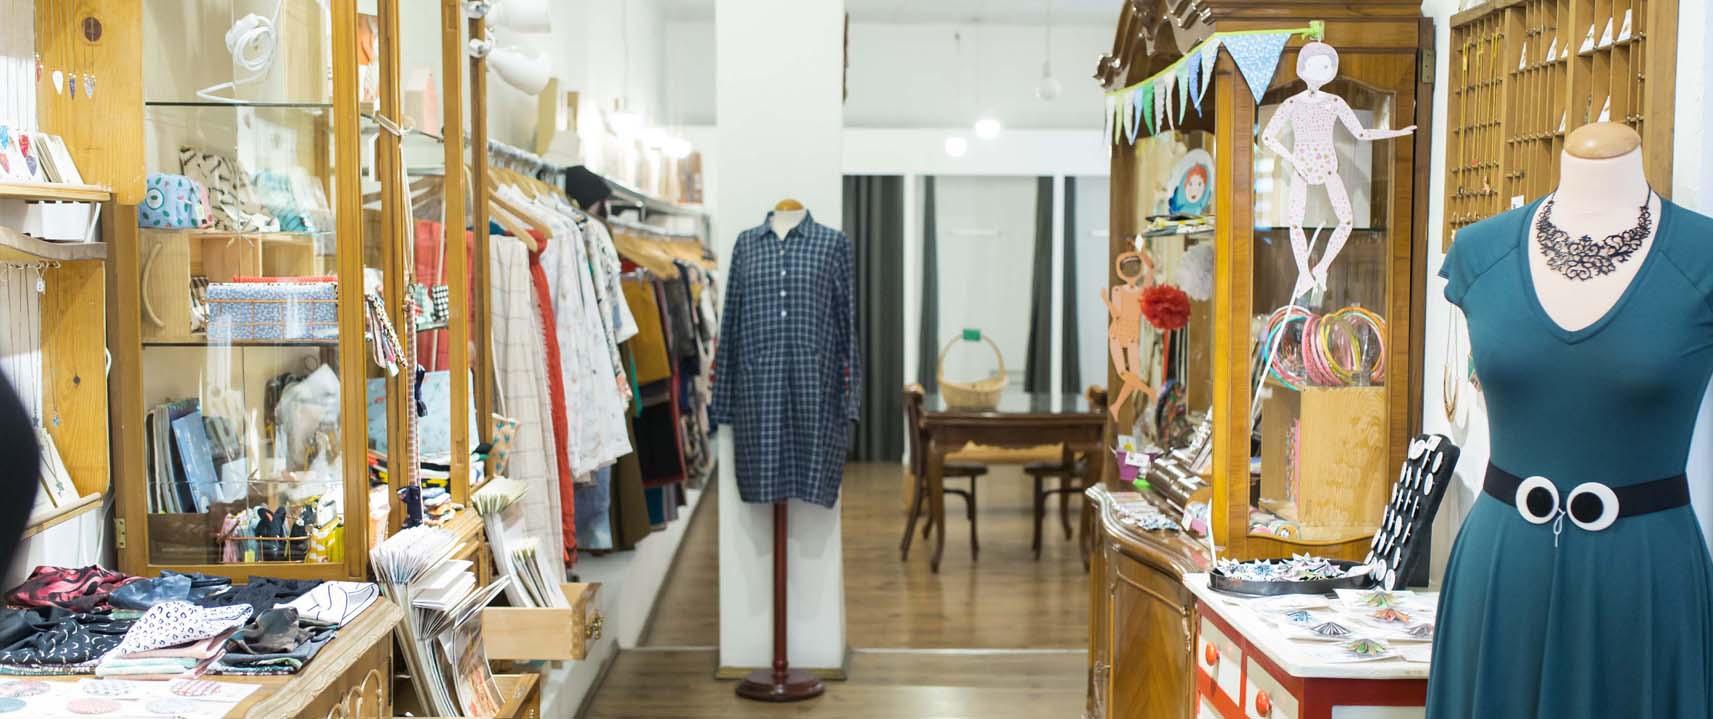 La intrusa tiendas de ropa complementos y objetos de for Ropa de diseno online